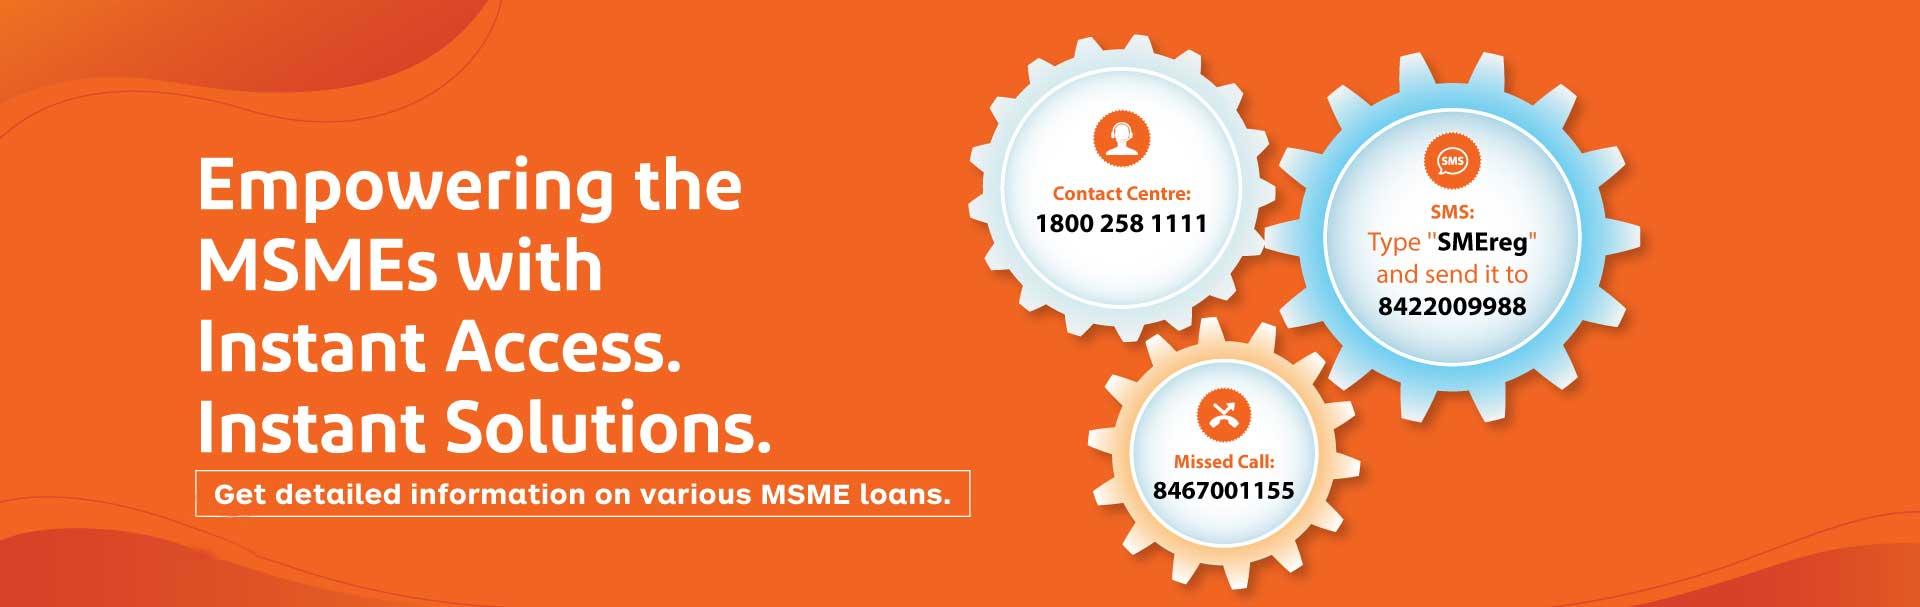 MSME banking